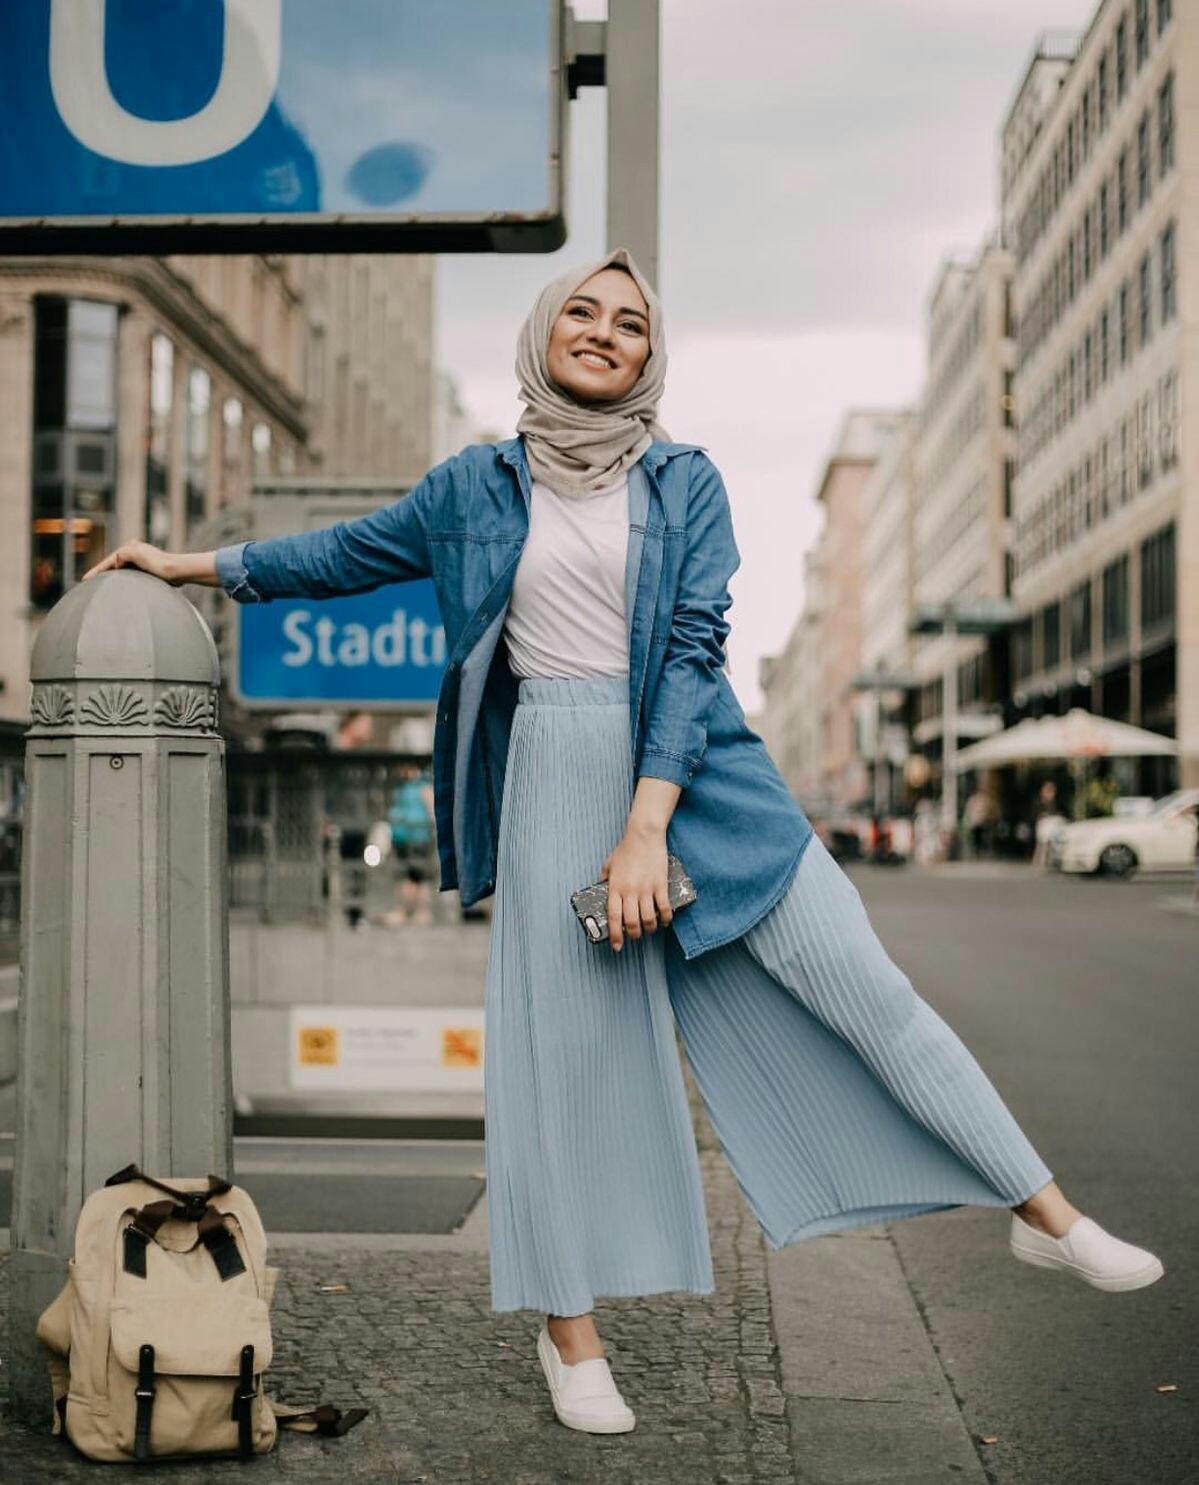 ملابس تركية بالجملة اون لاين